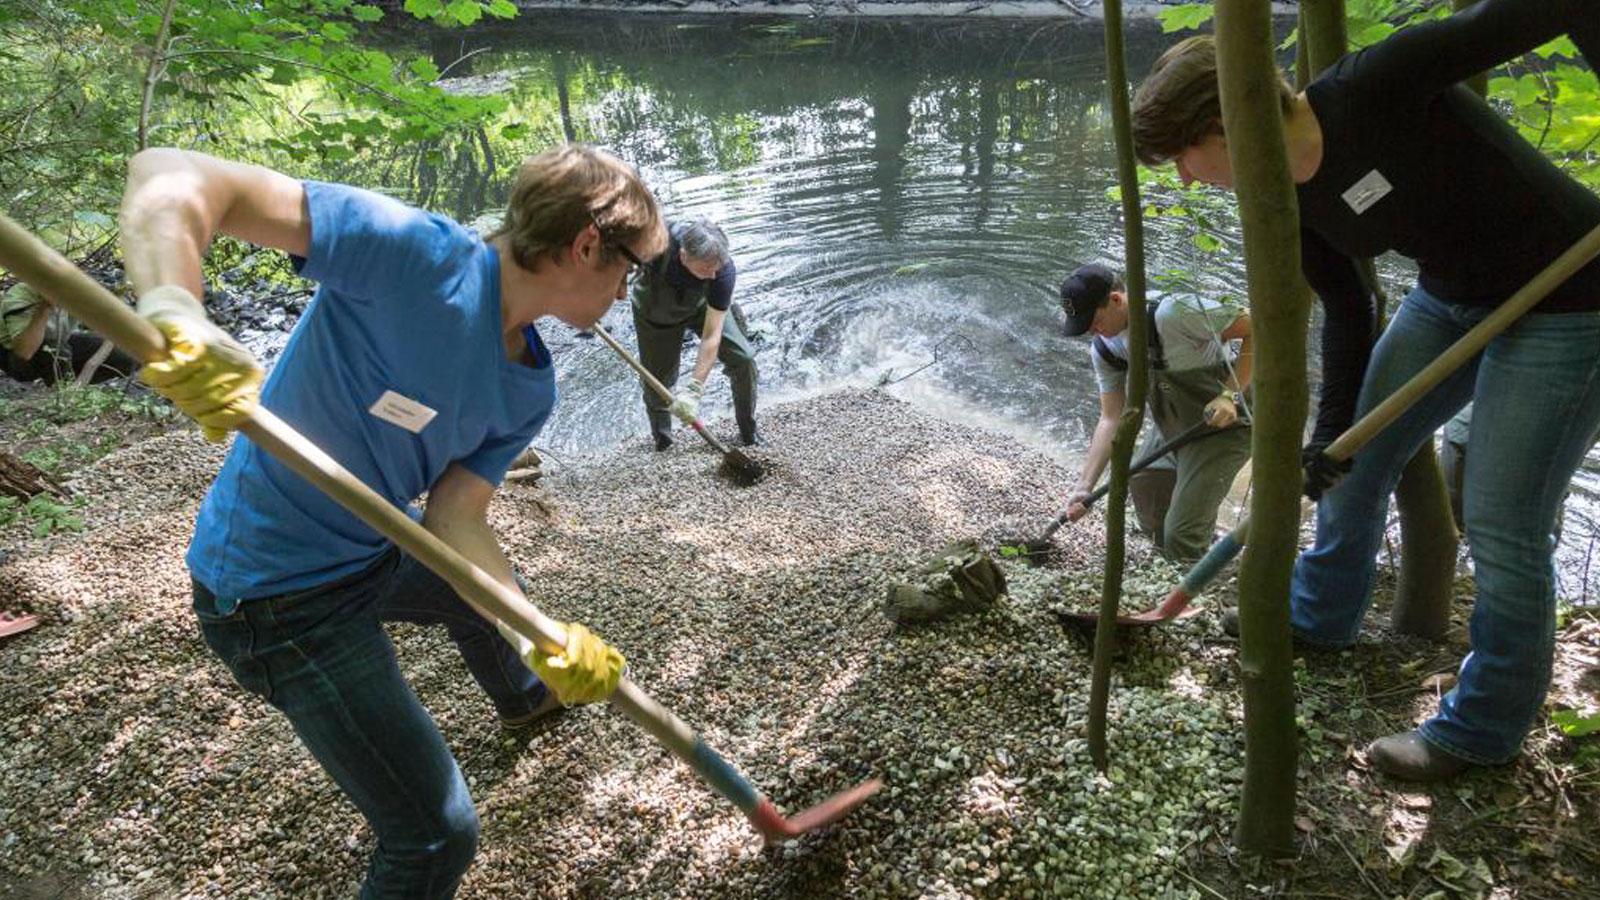 Ehrenamtliche beim Kiesschaufeln für die Alster. Bei Planung und Umsetzung partizipieren Ehrenamtliche. Kies stellt ein wertvolles Substrat der Gewässer dar.